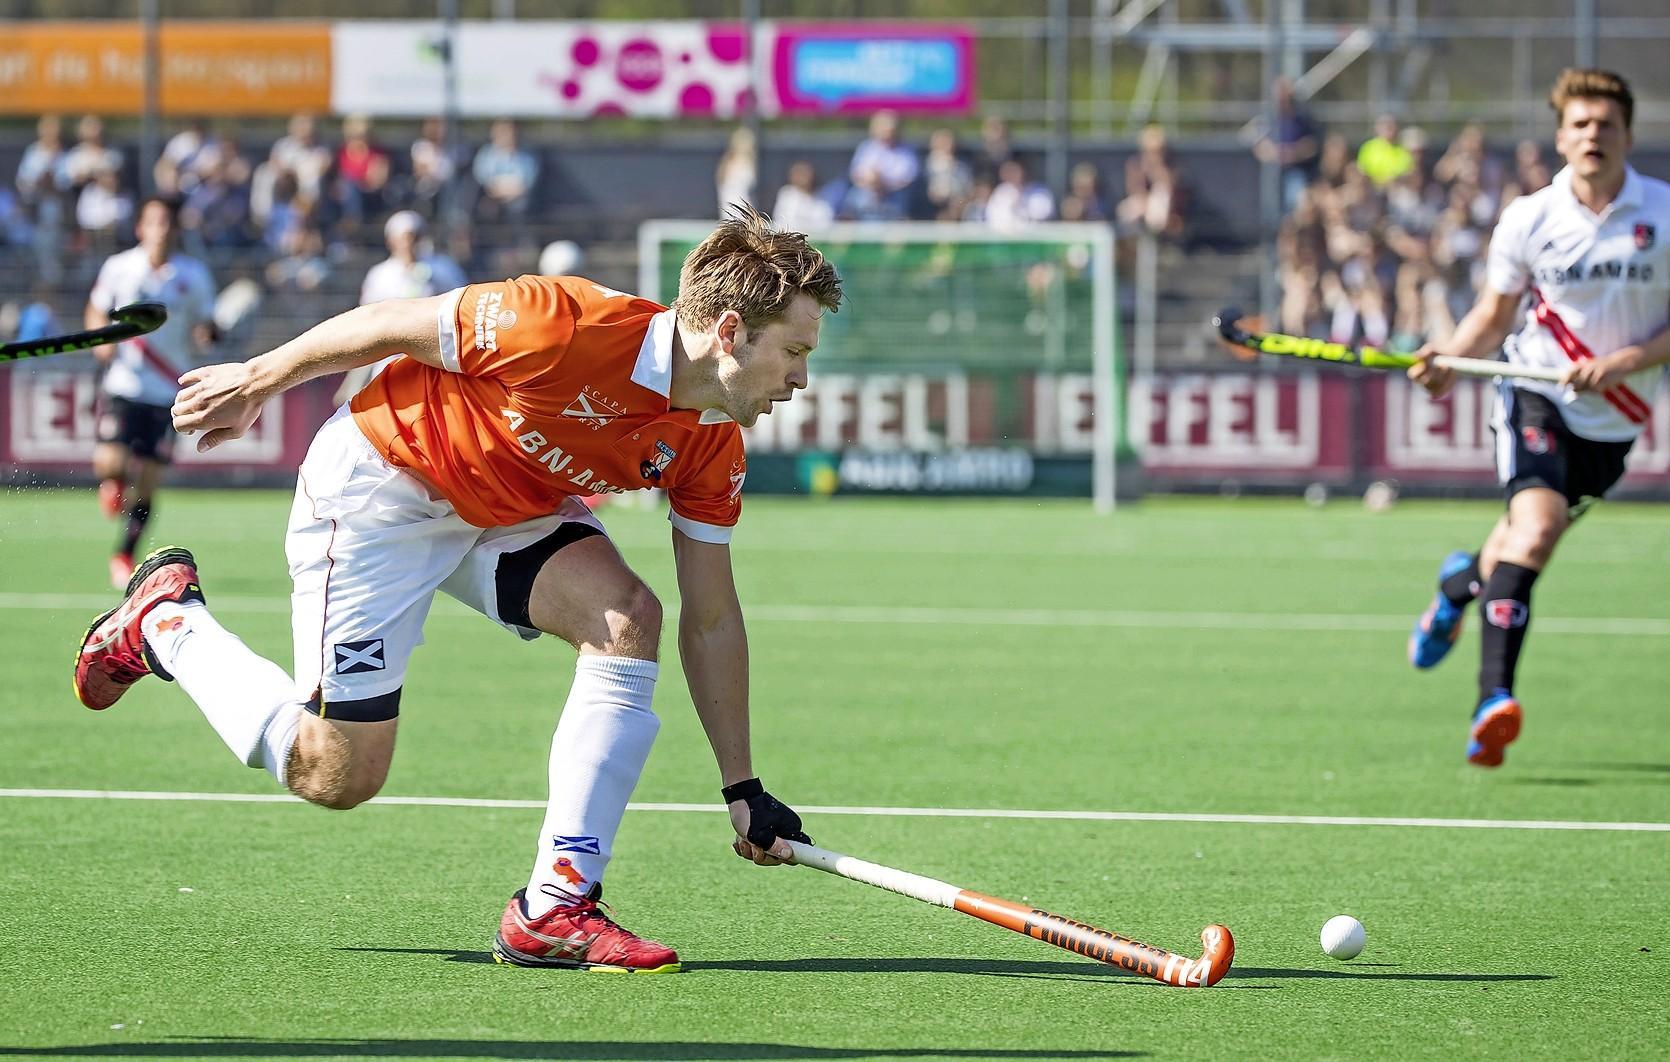 Bloemendaal-hockeyer Mats de Groot: 'Pijn omzetten in energie'